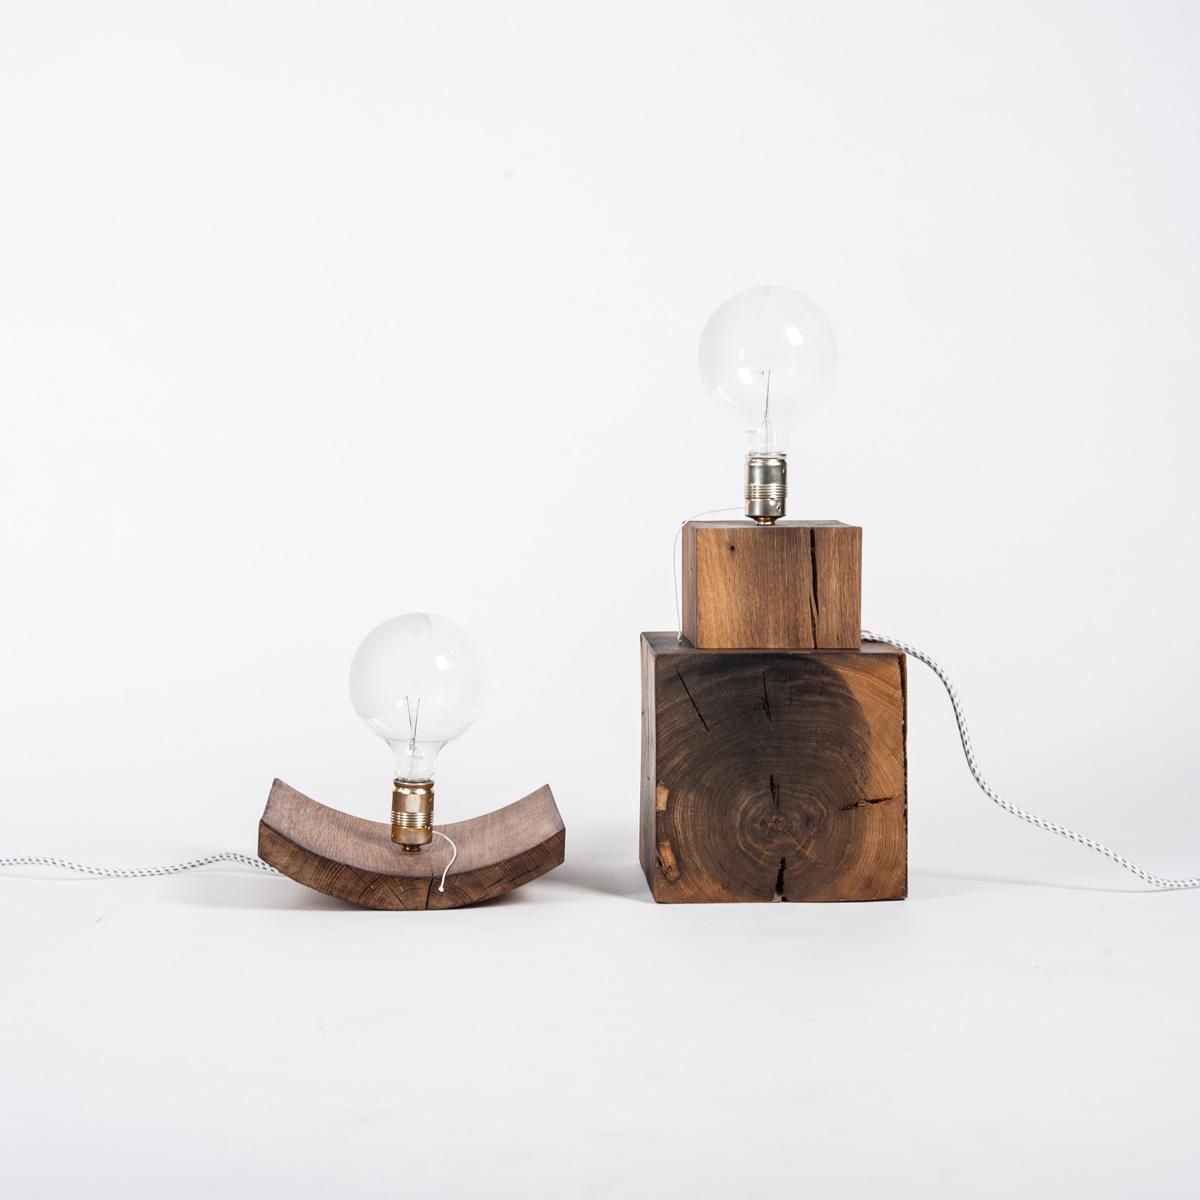 Lampe ELLEN und Lambe BALDUR auf Würfel ALTO, JK.